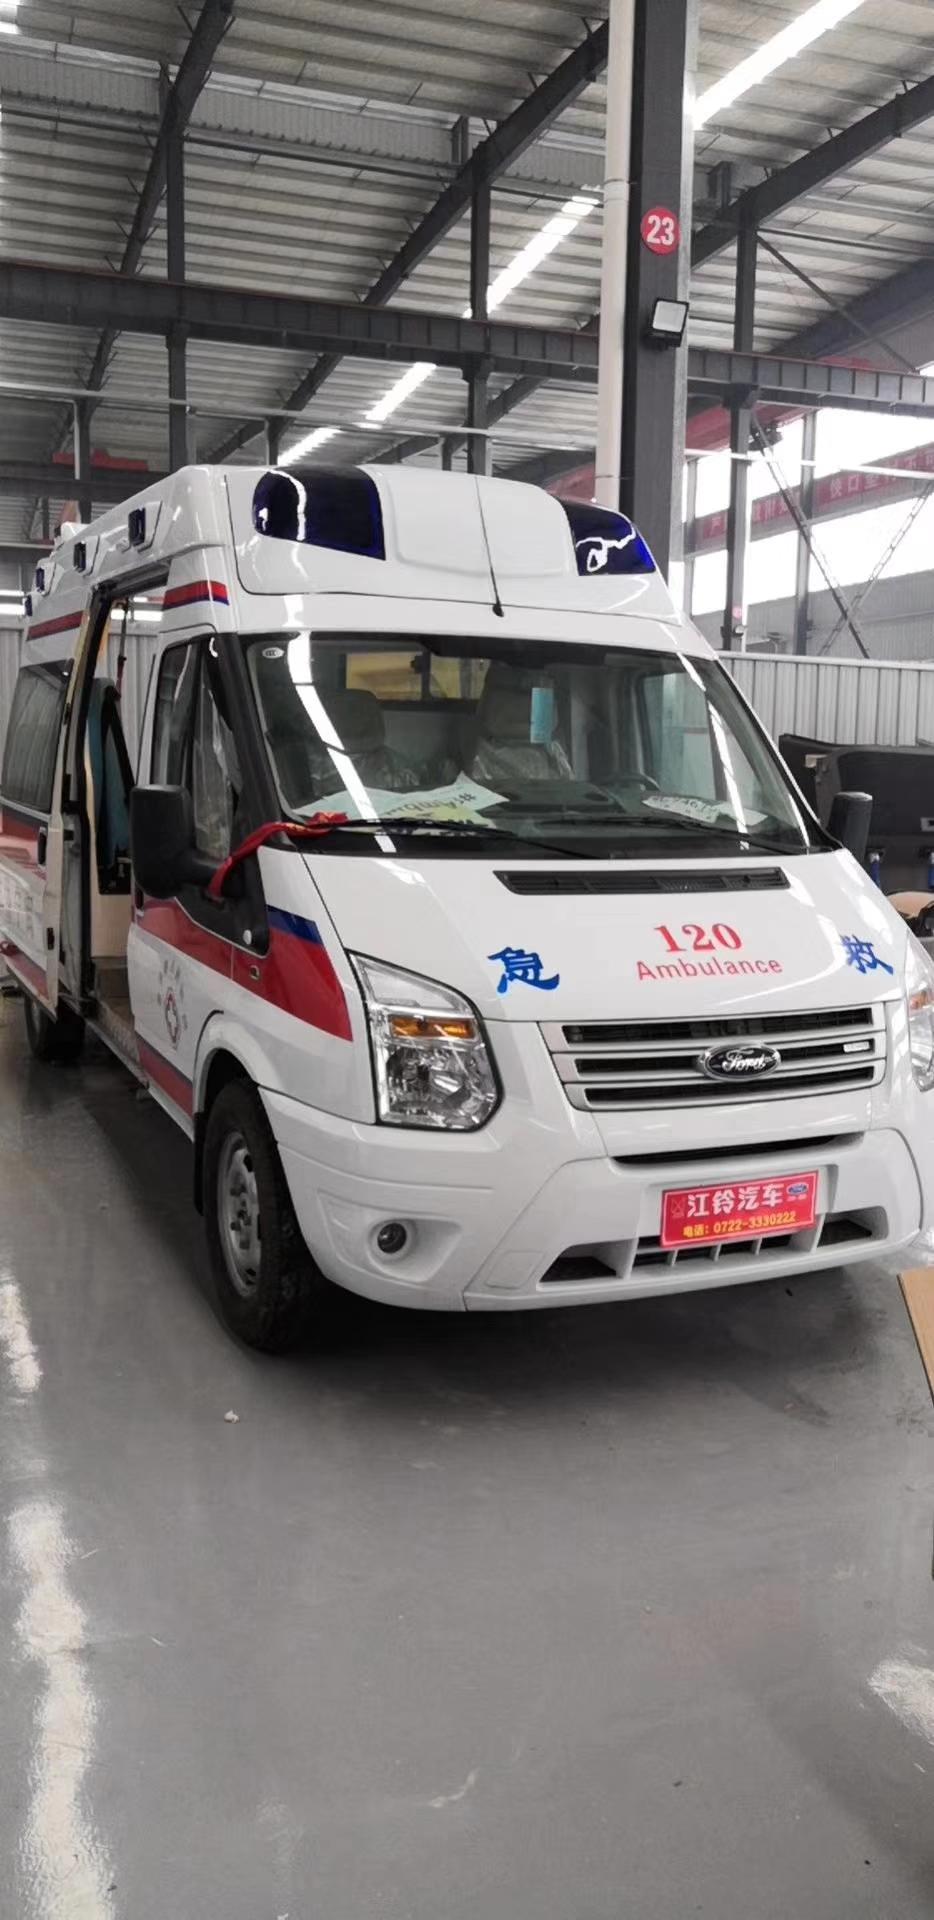 防疫型救护车图片